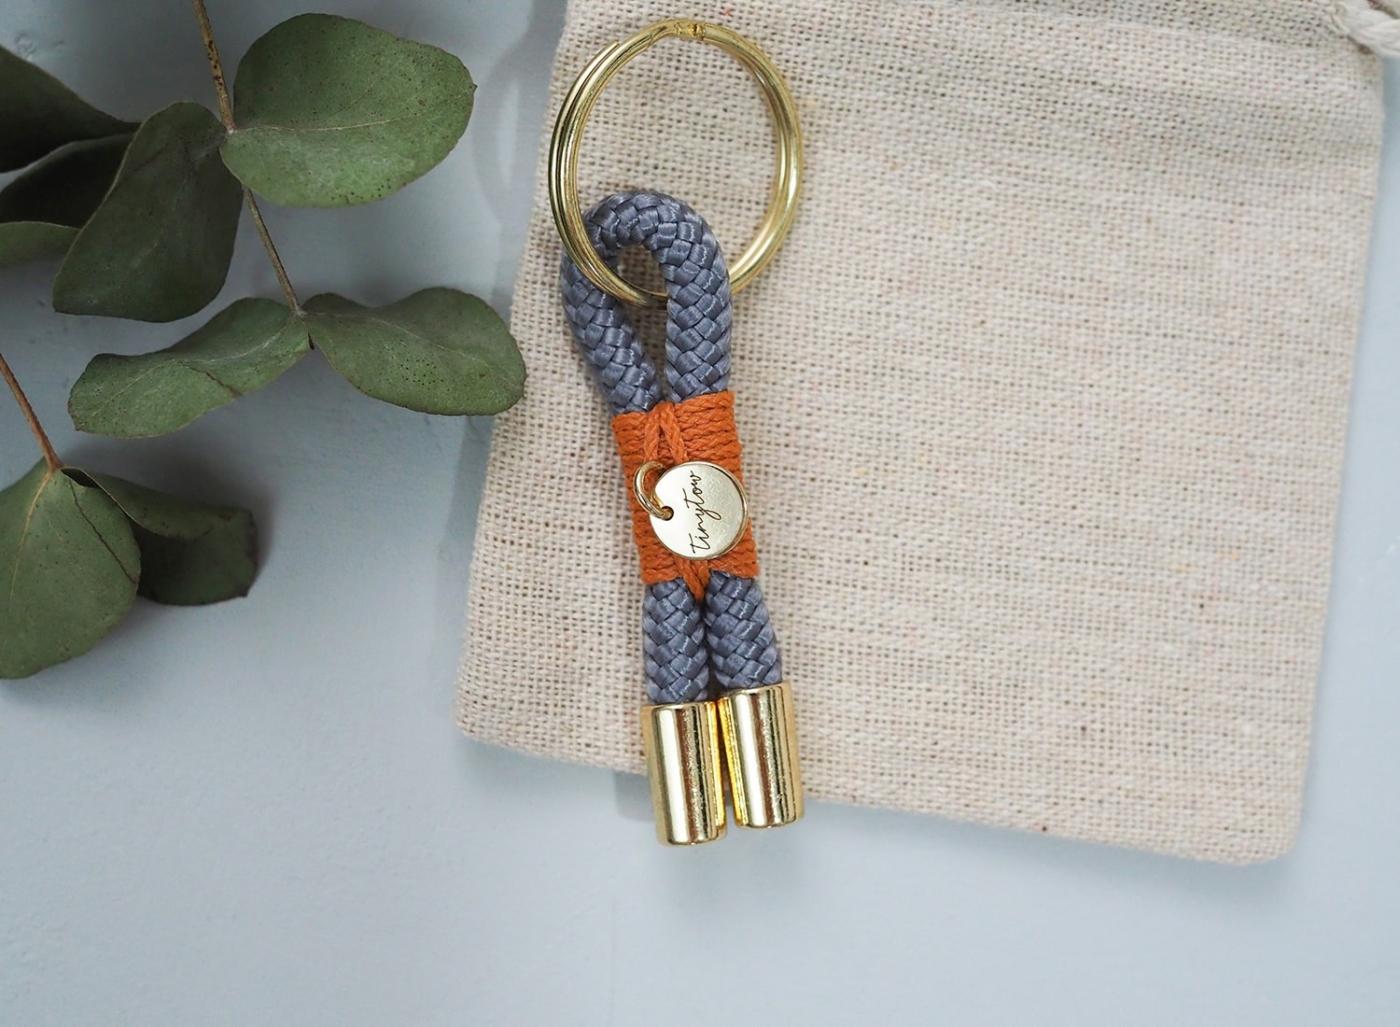 Tau Schlüsselanhänger in grau mit orangefarben Details auf Baumwollsäckchen.